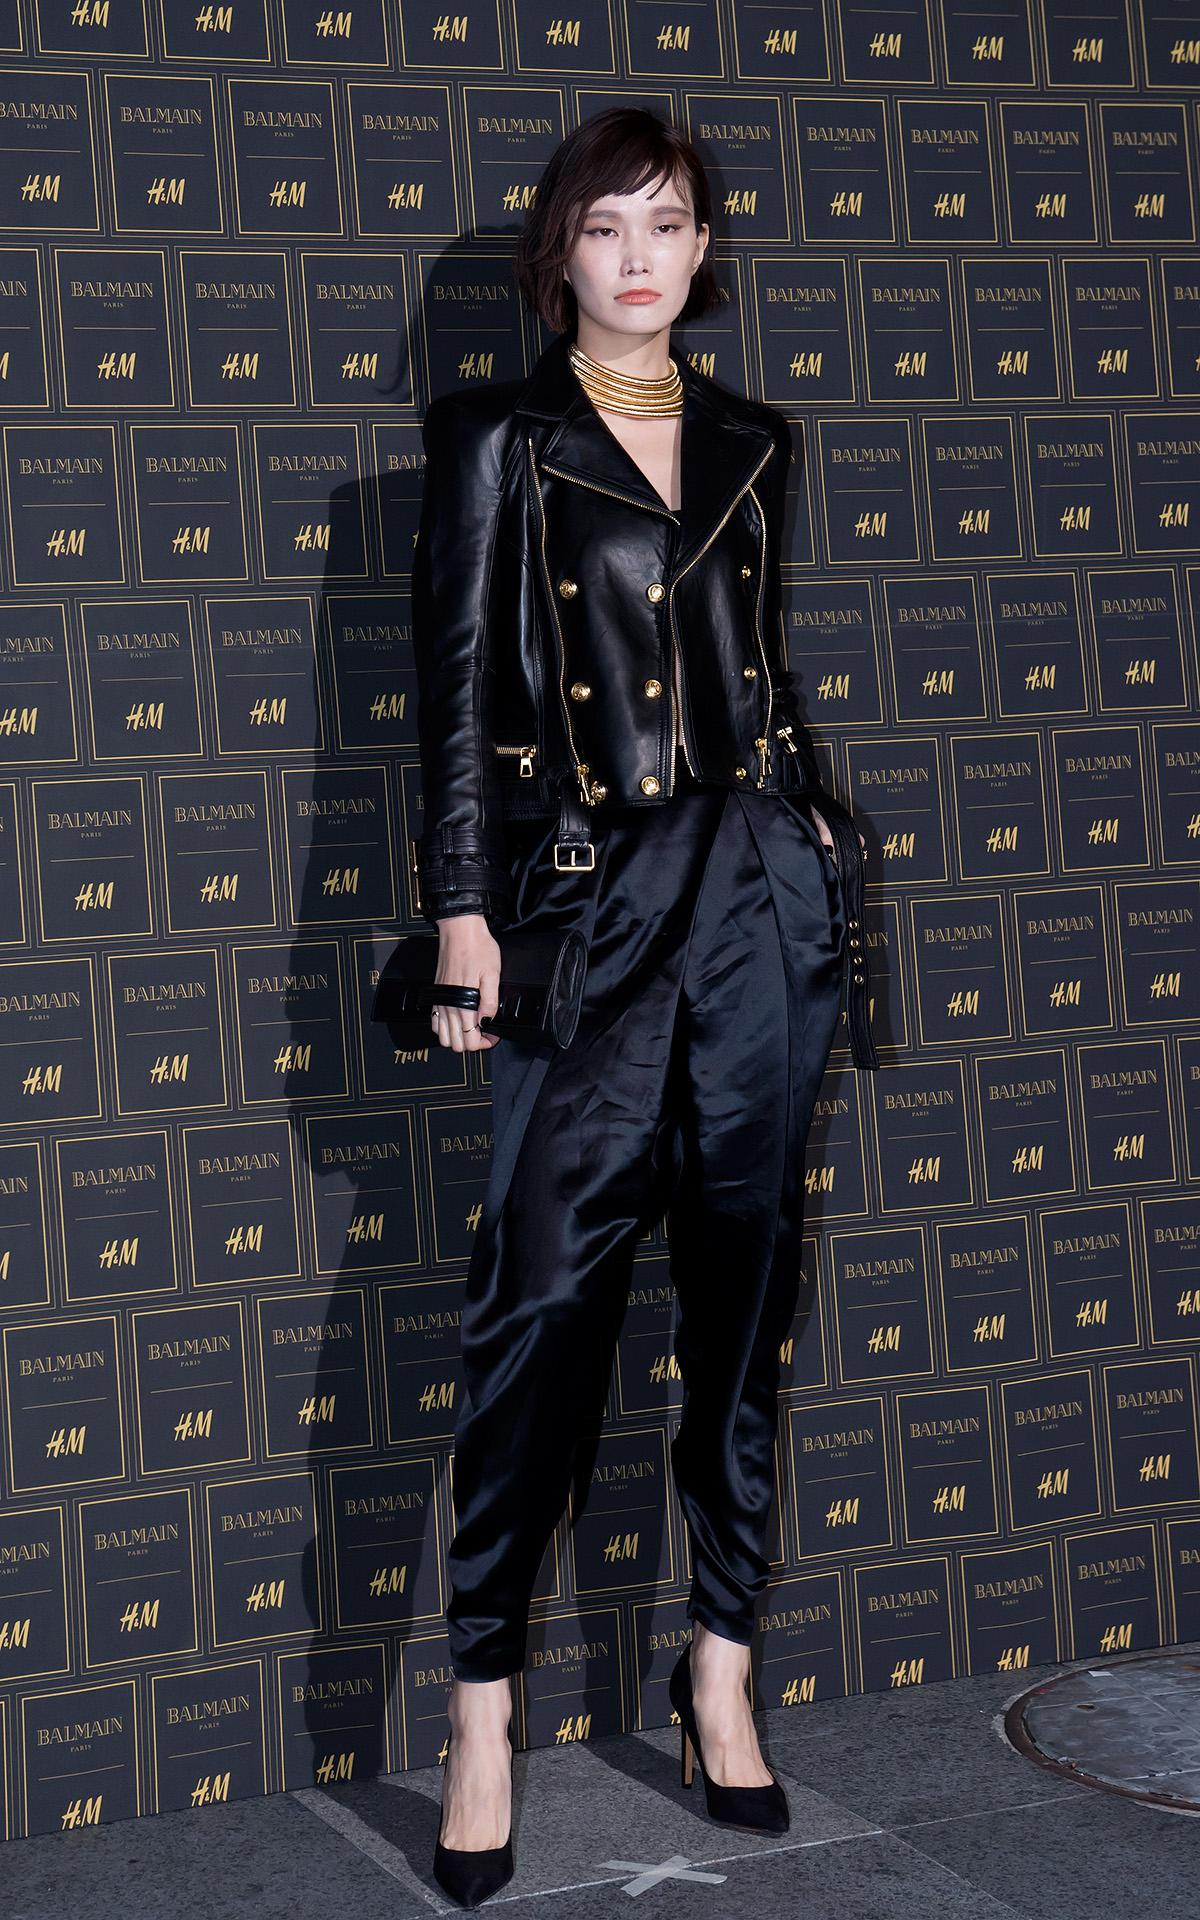 宋京雅也選擇了寬褲做為造型重點,最西引人注目的是那件她身上搭配的皮外套,金屬拉鍊的設計帥翻了。